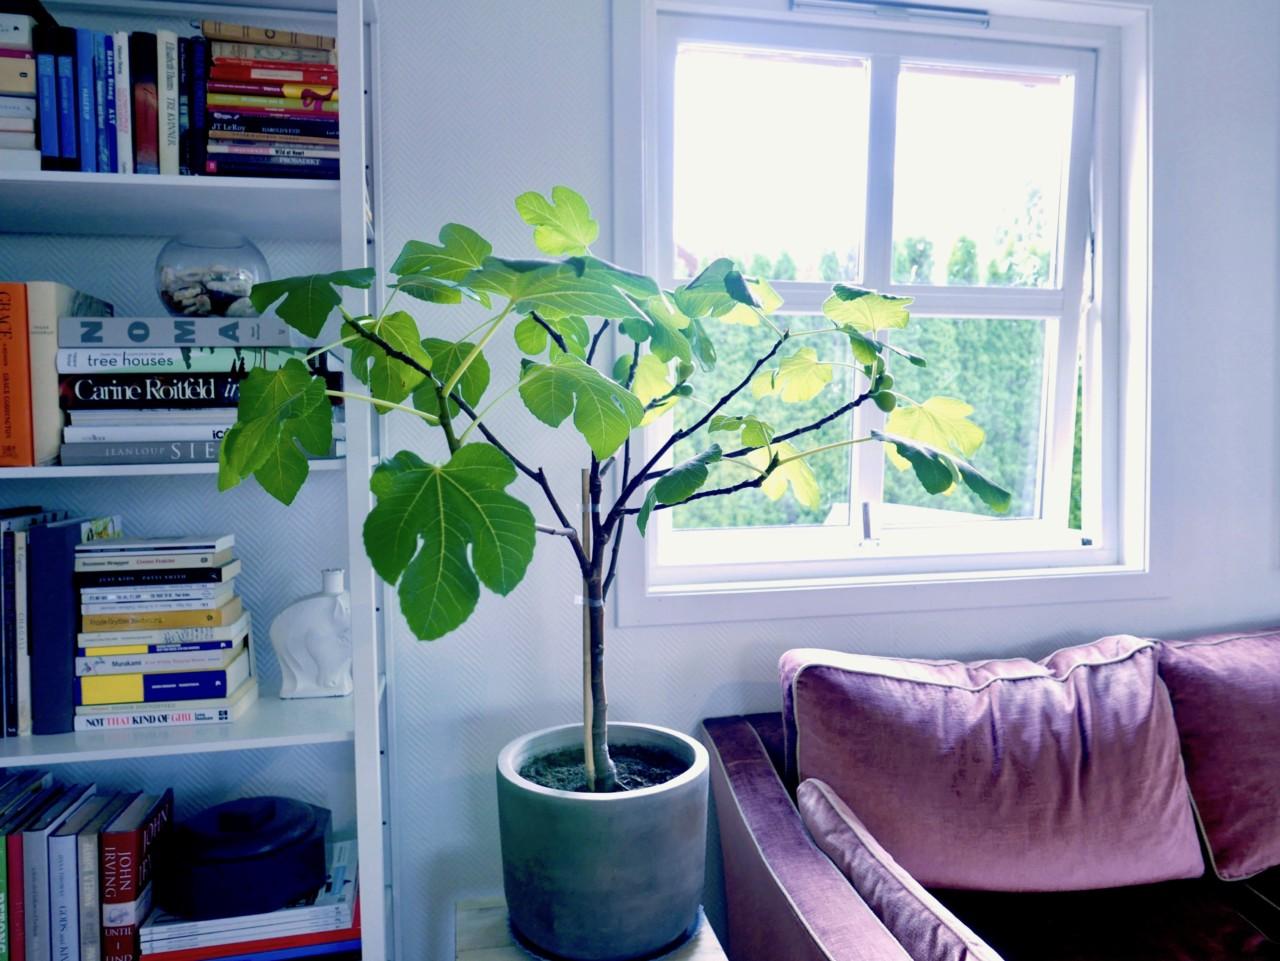 fiken-fig-tree-green-house-velvet-sofa